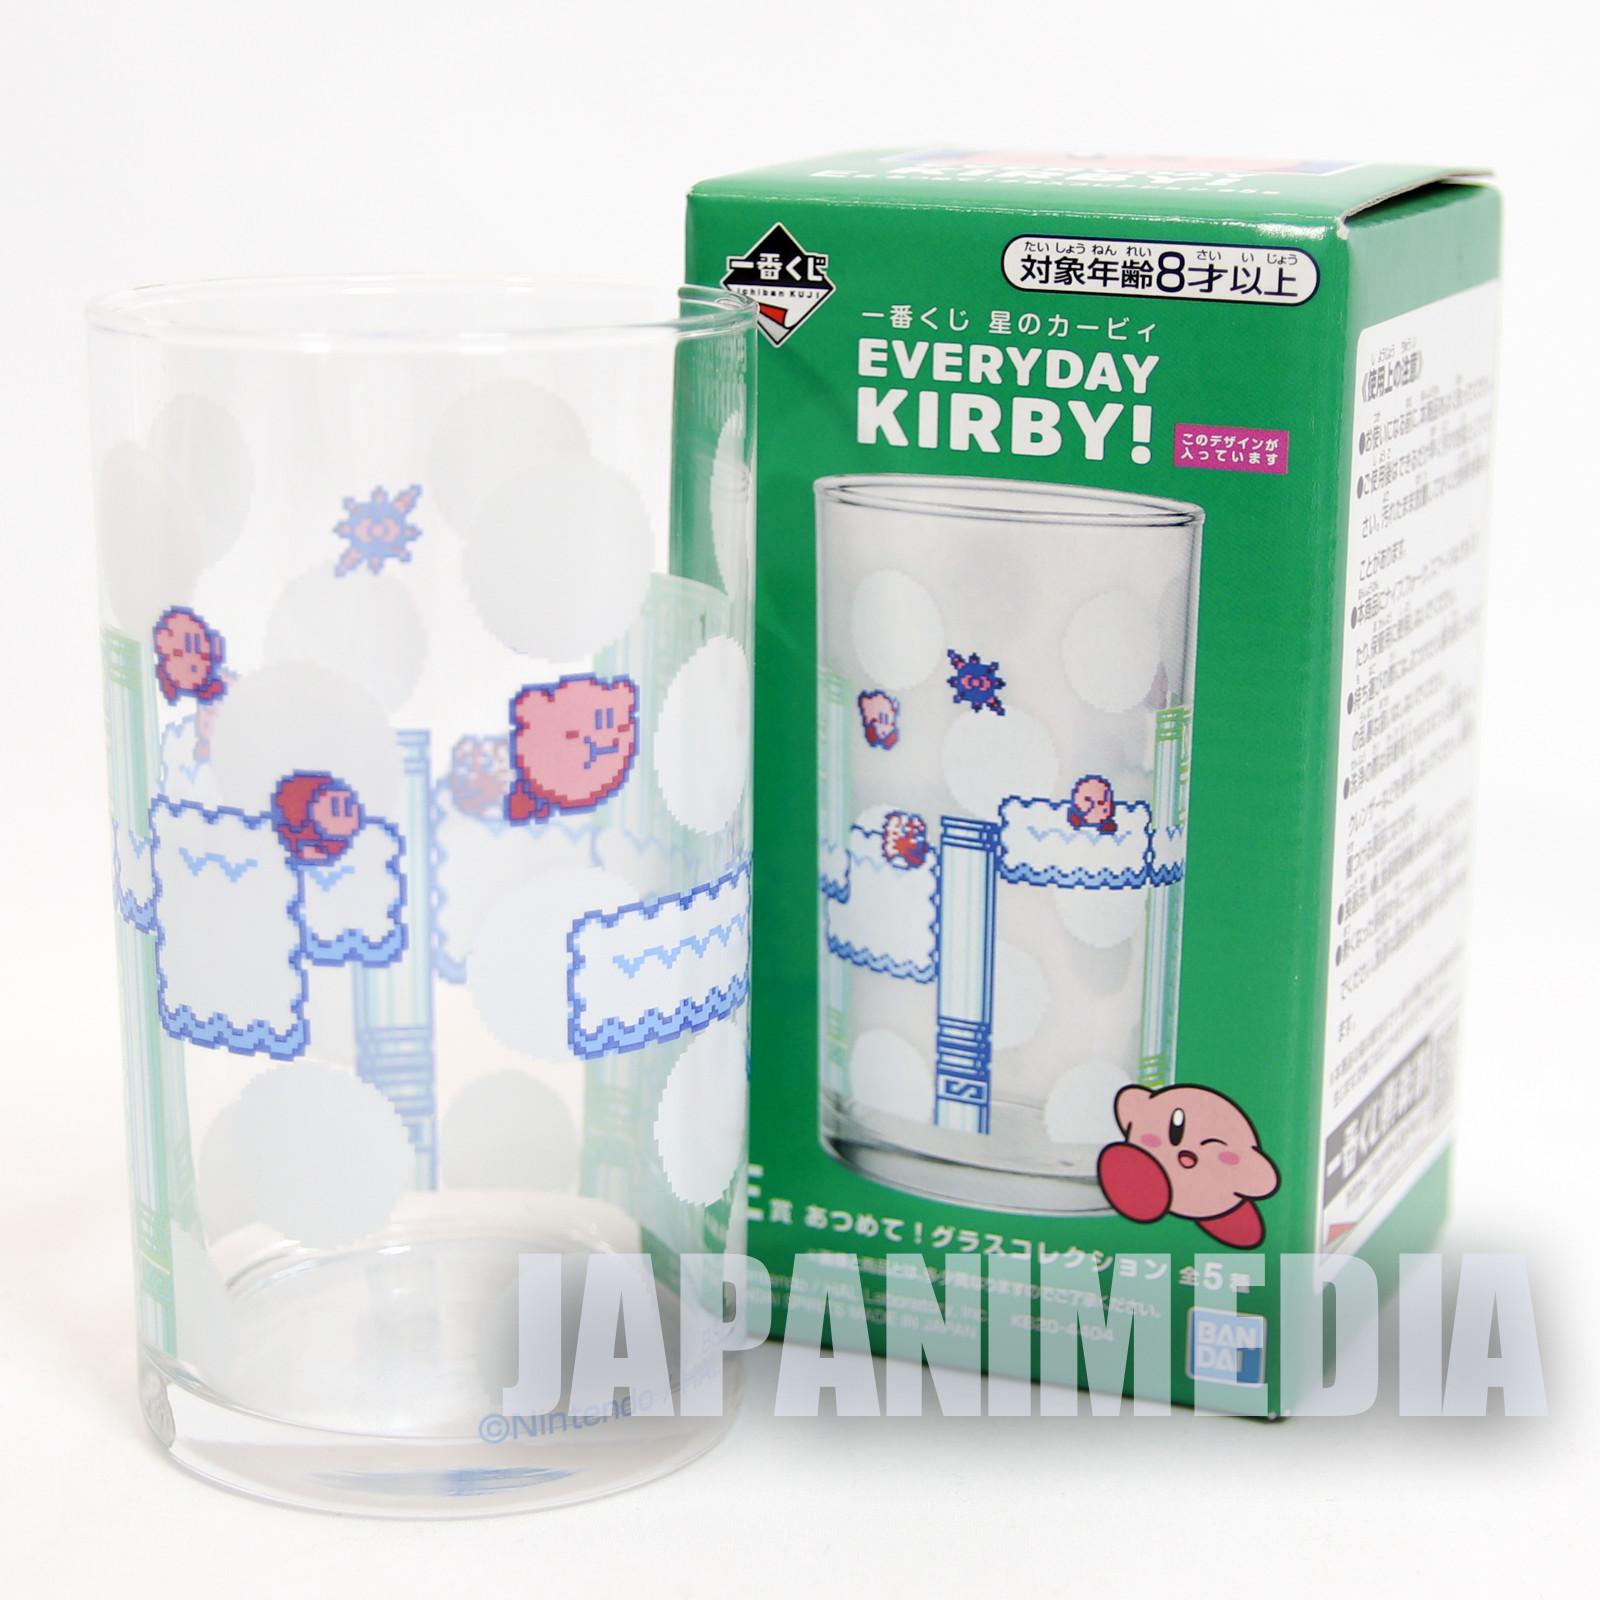 Kirby Super Star Glass #1 Everyday Kirby Banpresto JAPAN GAME NINTNEDO